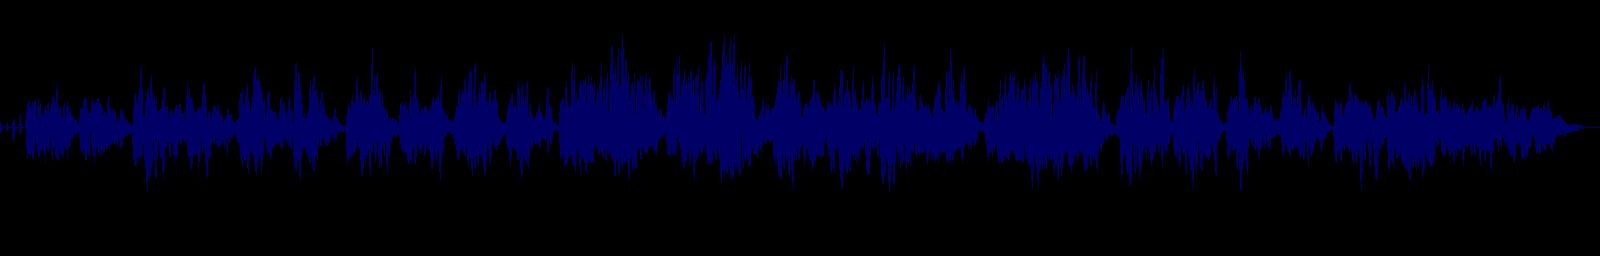 waveform of track #100562